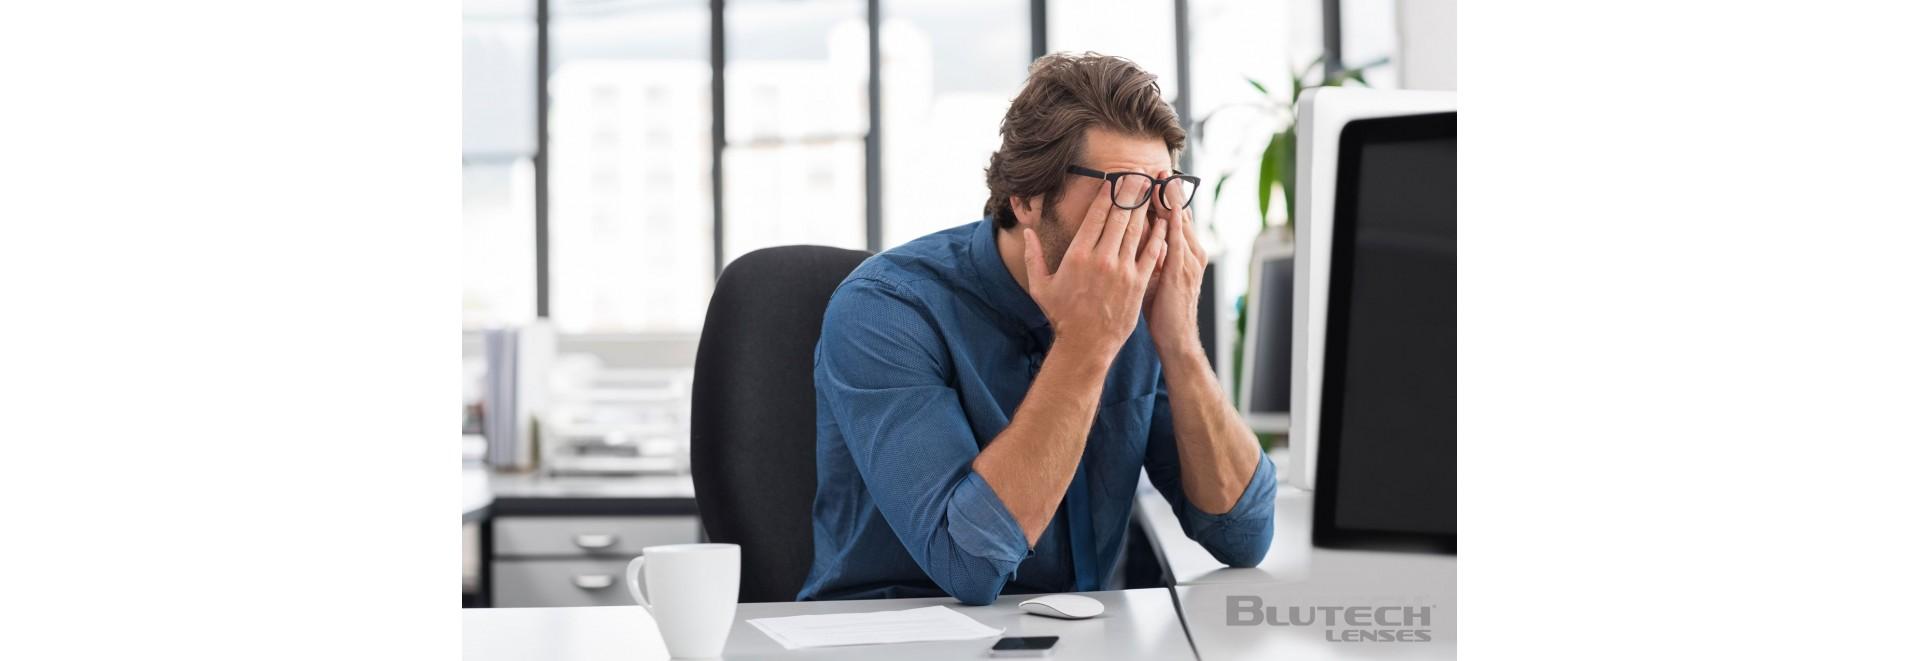 lunettes blue-blocker - travail pc - sommeil - medi-lum